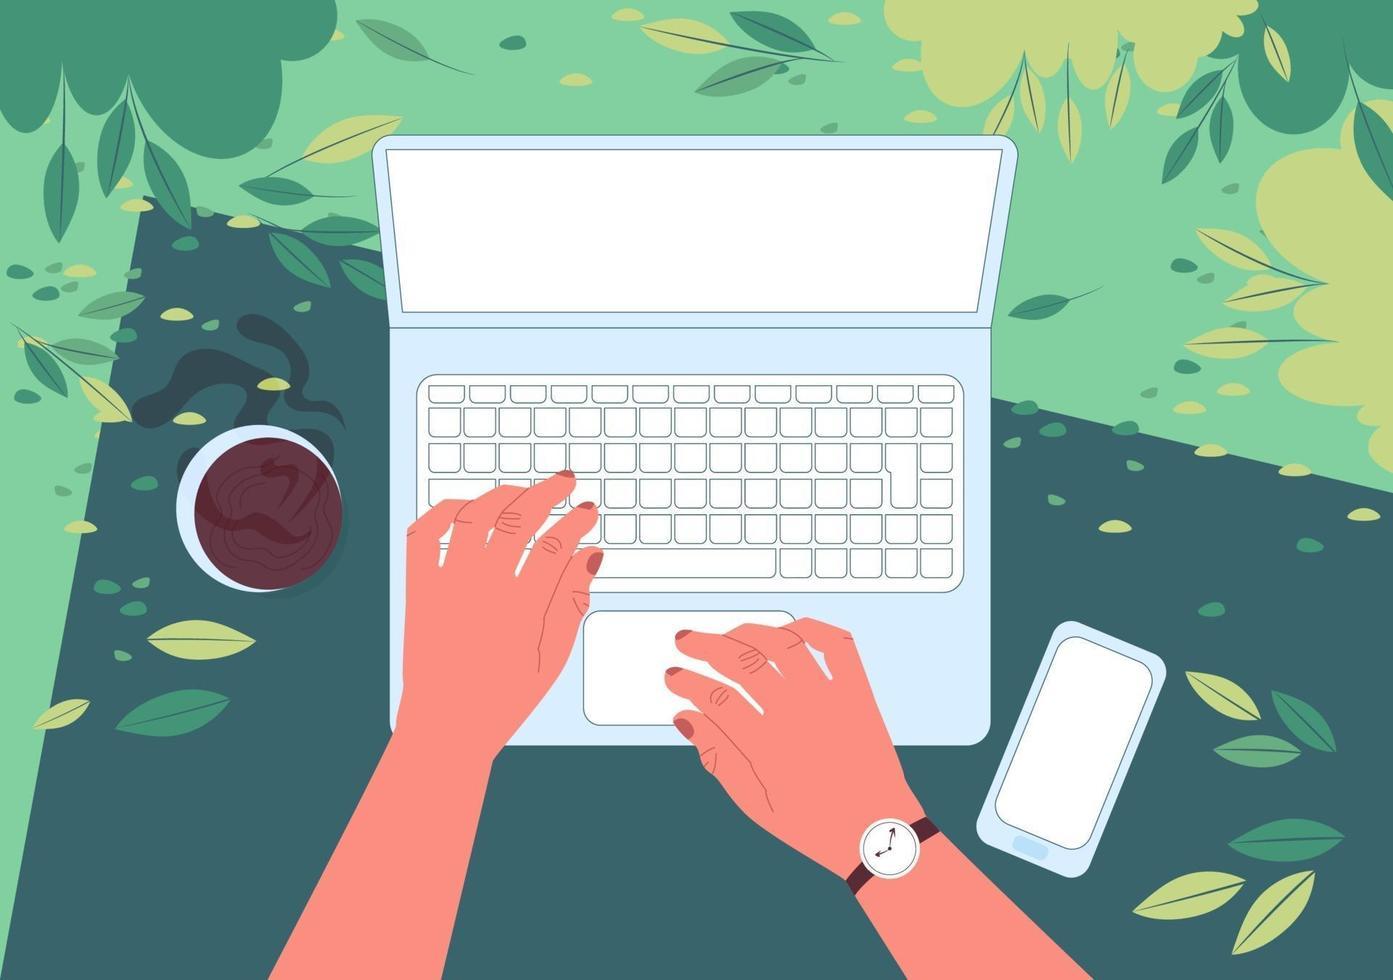 freelancer met een laptop die werkt terwijl hij in het lentepark ligt. eerste persoonsweergave. mannelijke handen typen op het toetsenbord. bovenaanzicht. vector illustratie.